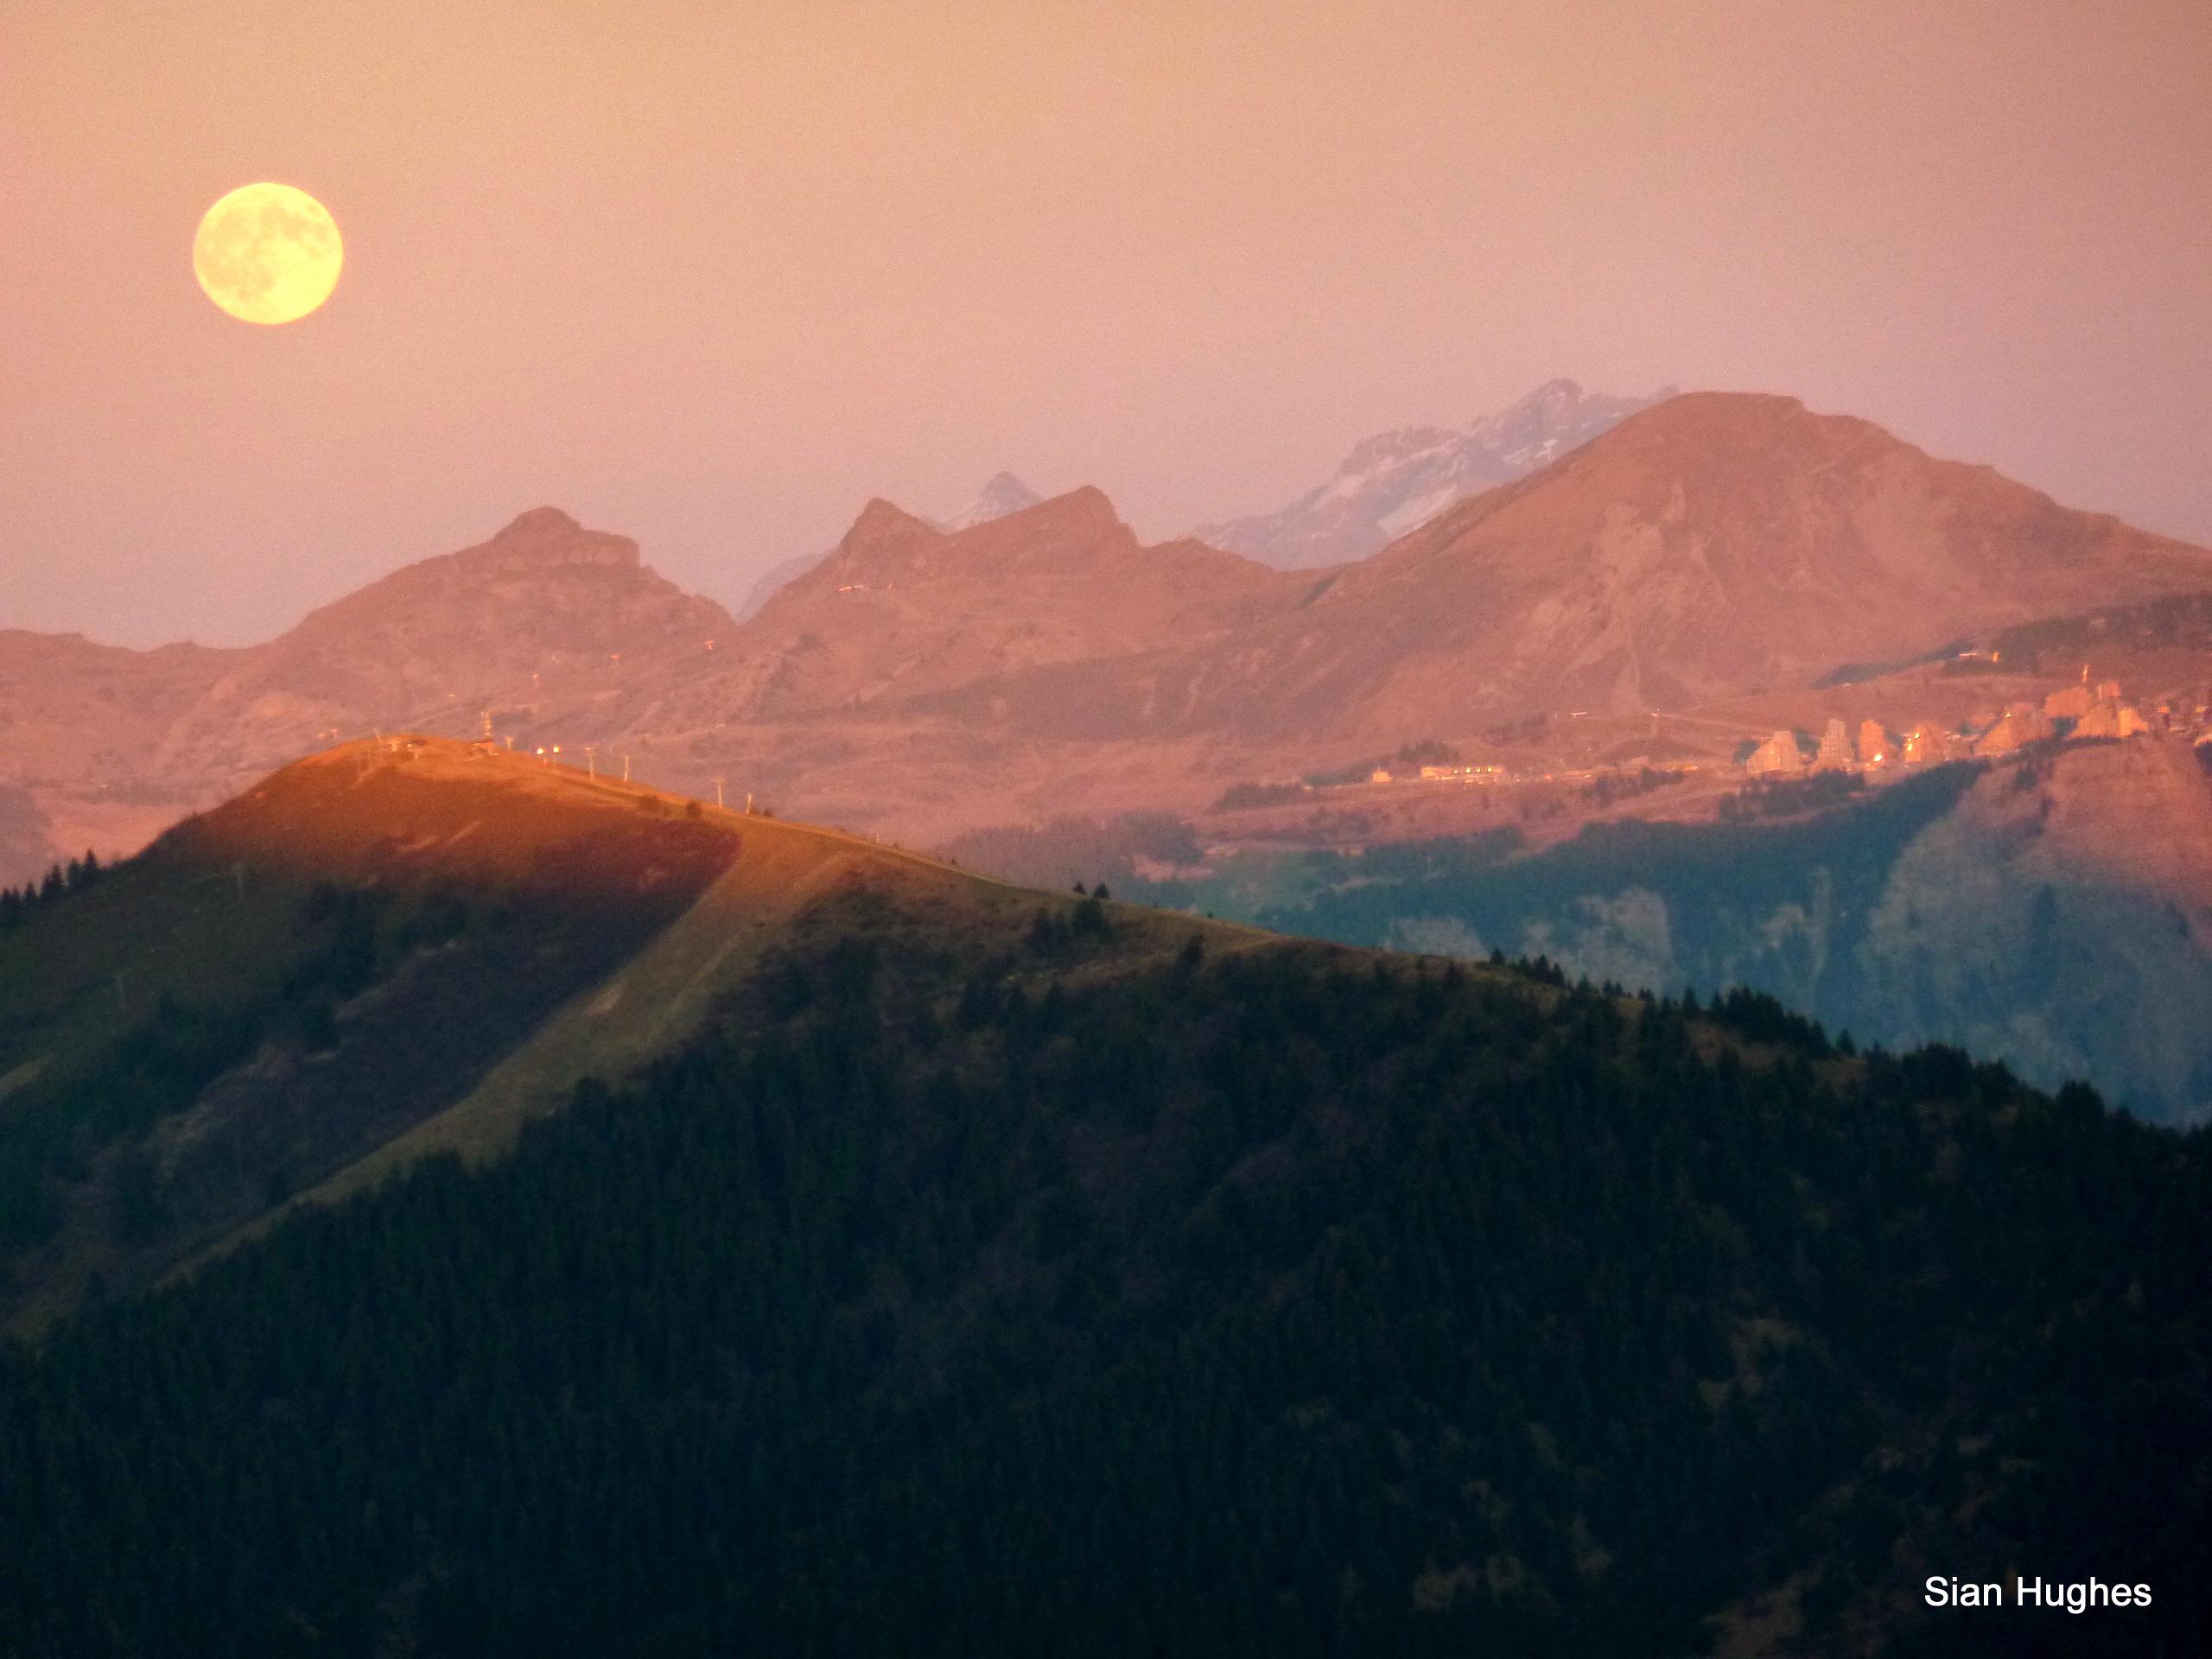 Full moon rising, Avoriaz